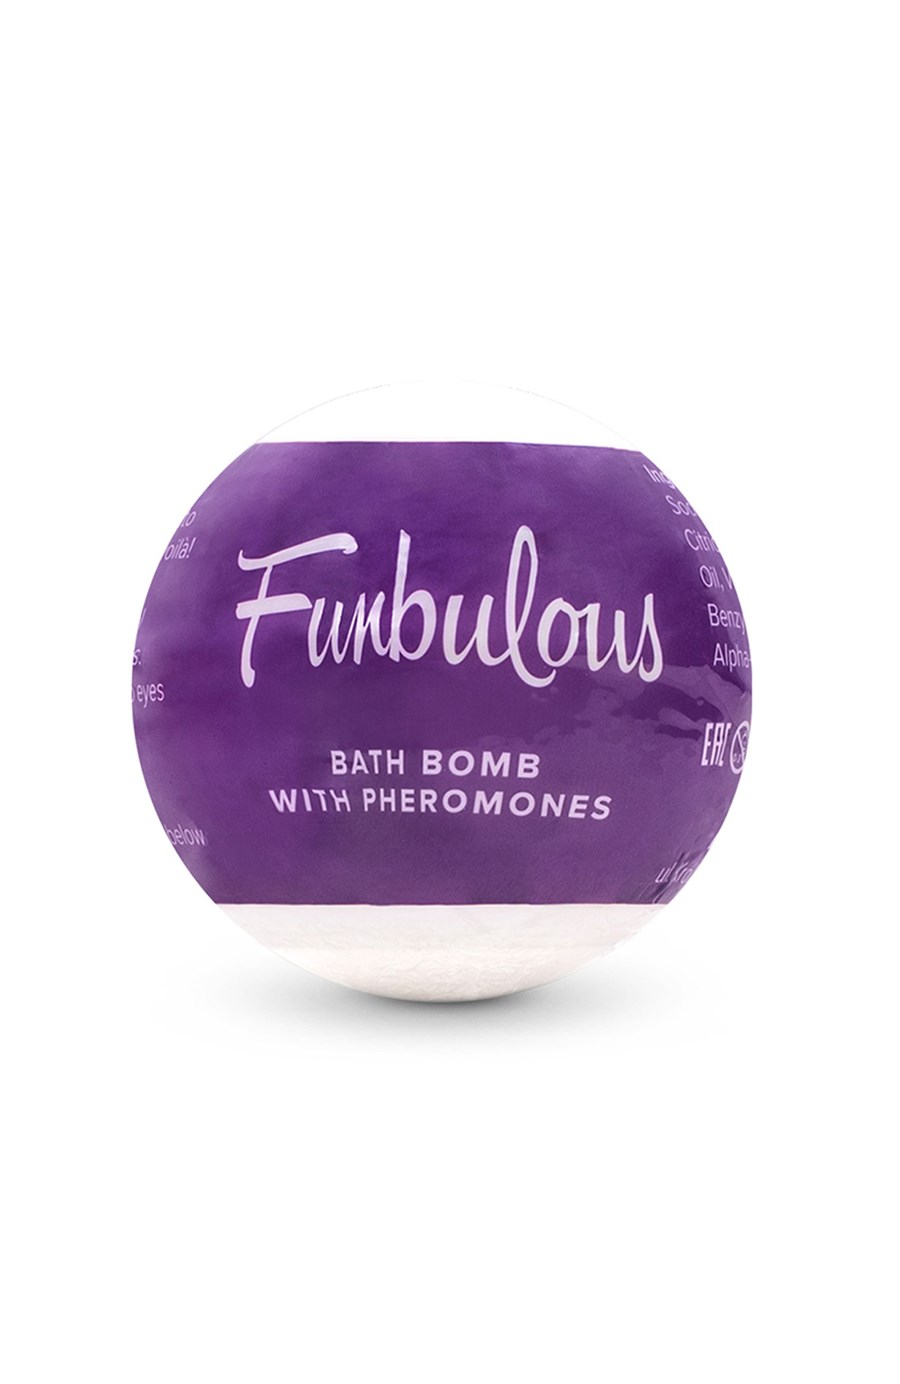 Bath Bomb Whith Pheromones